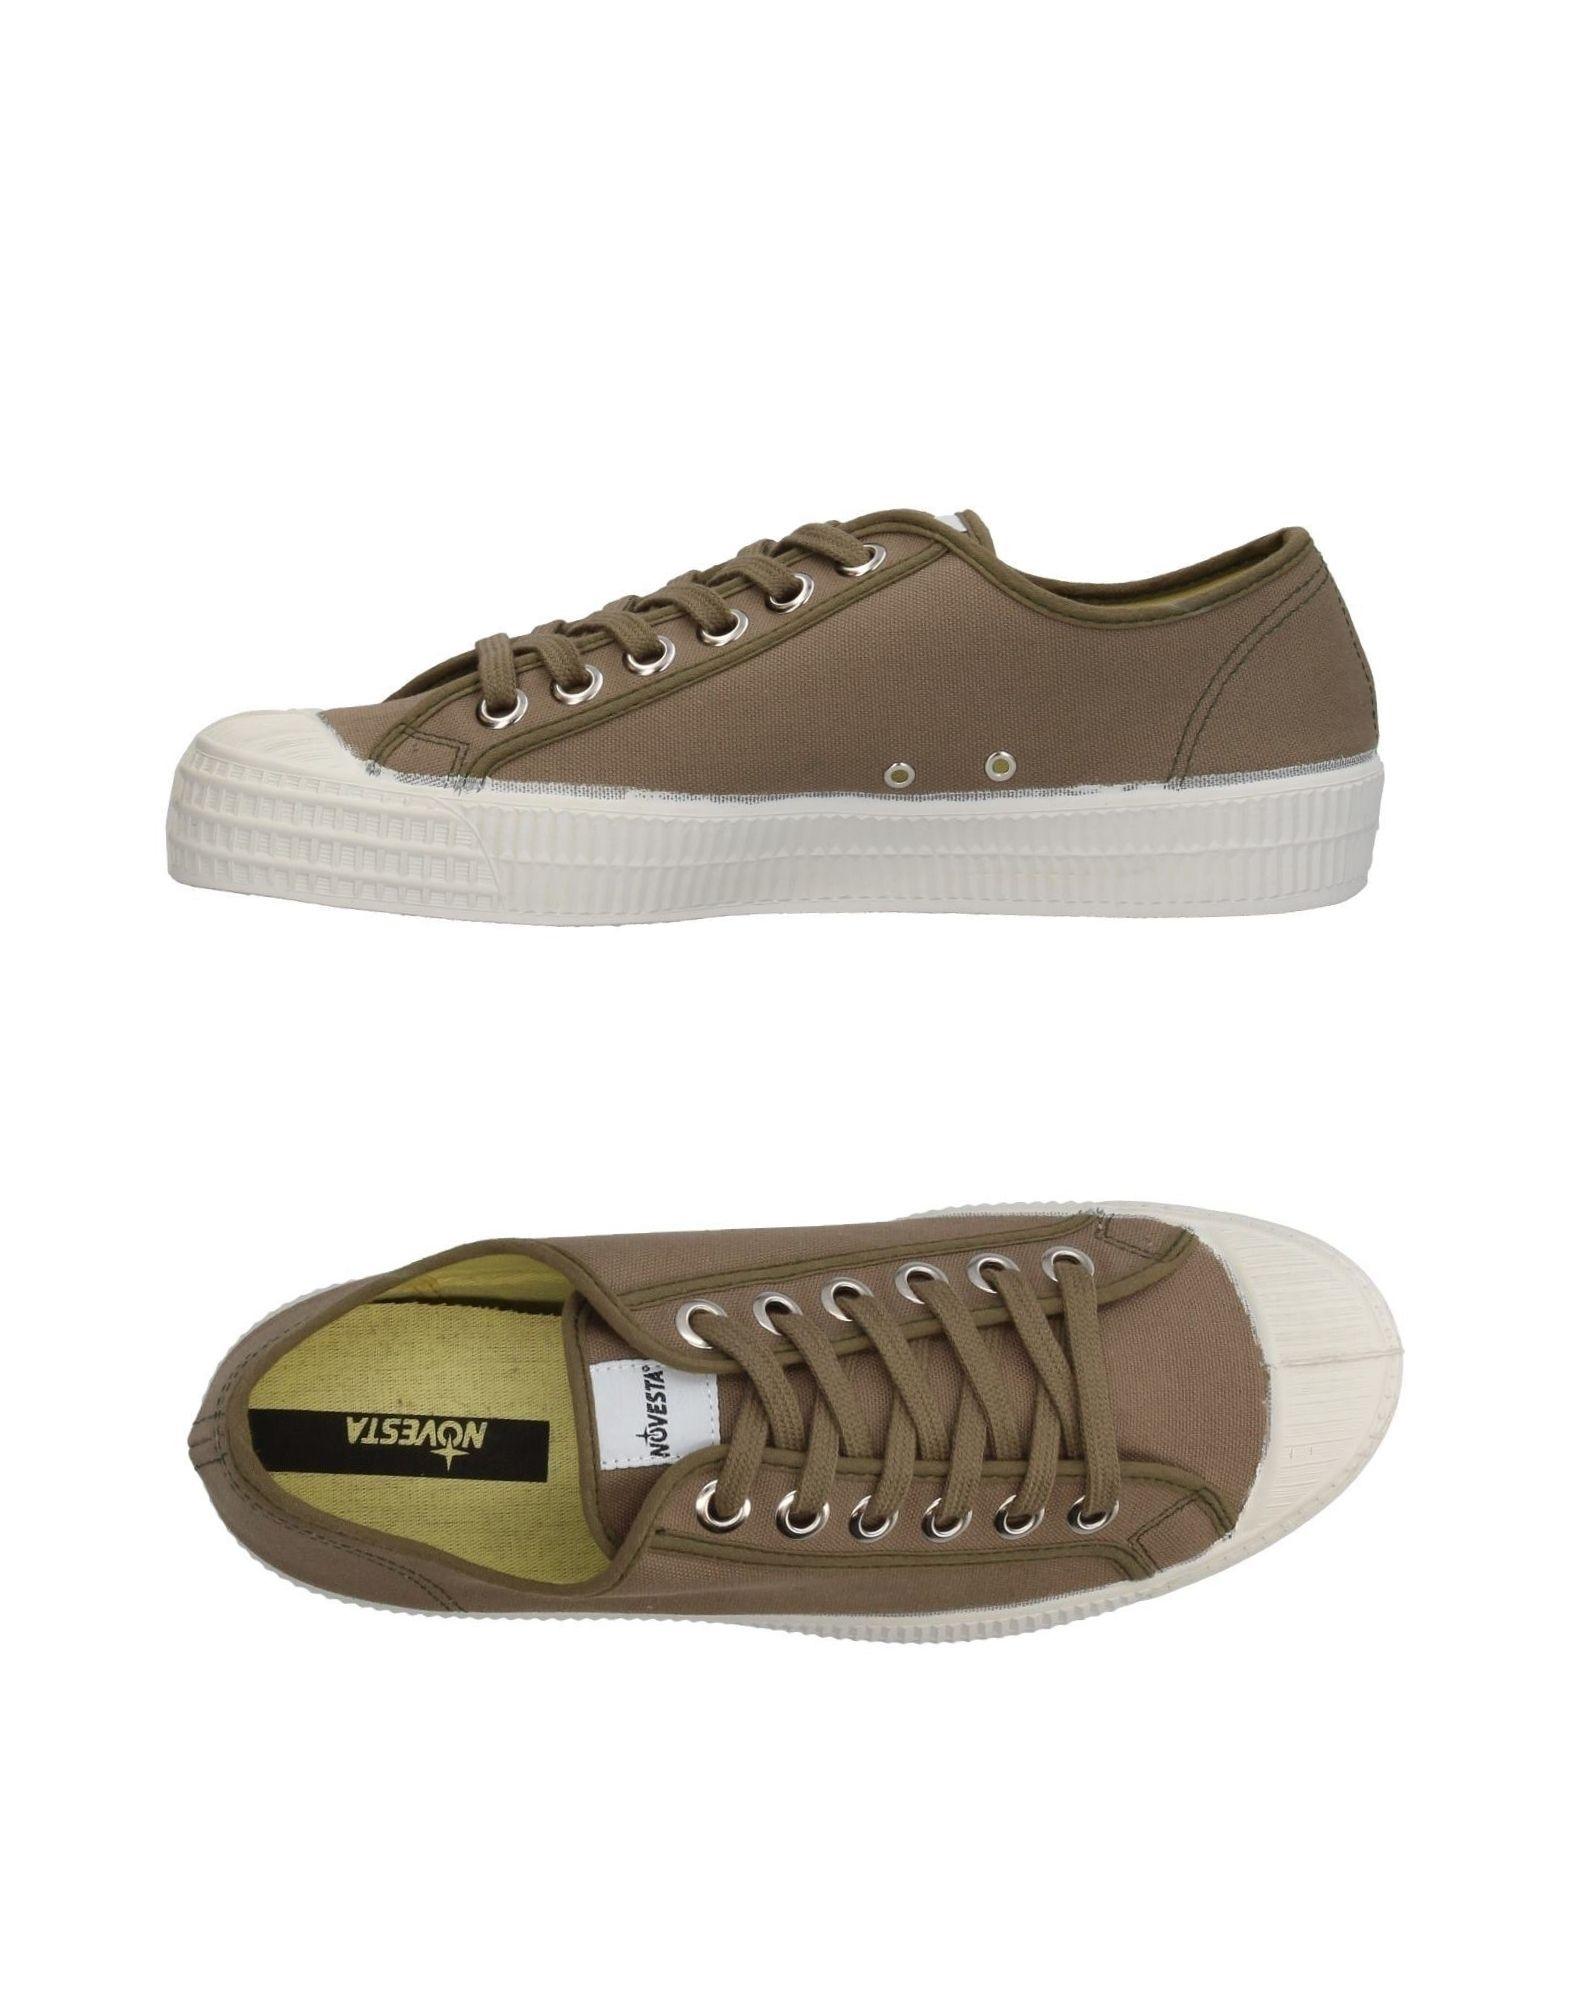 Rabatt Rabatt Rabatt echte Schuhe Novesta Sneakers Herren  11104715MC 71b4f2